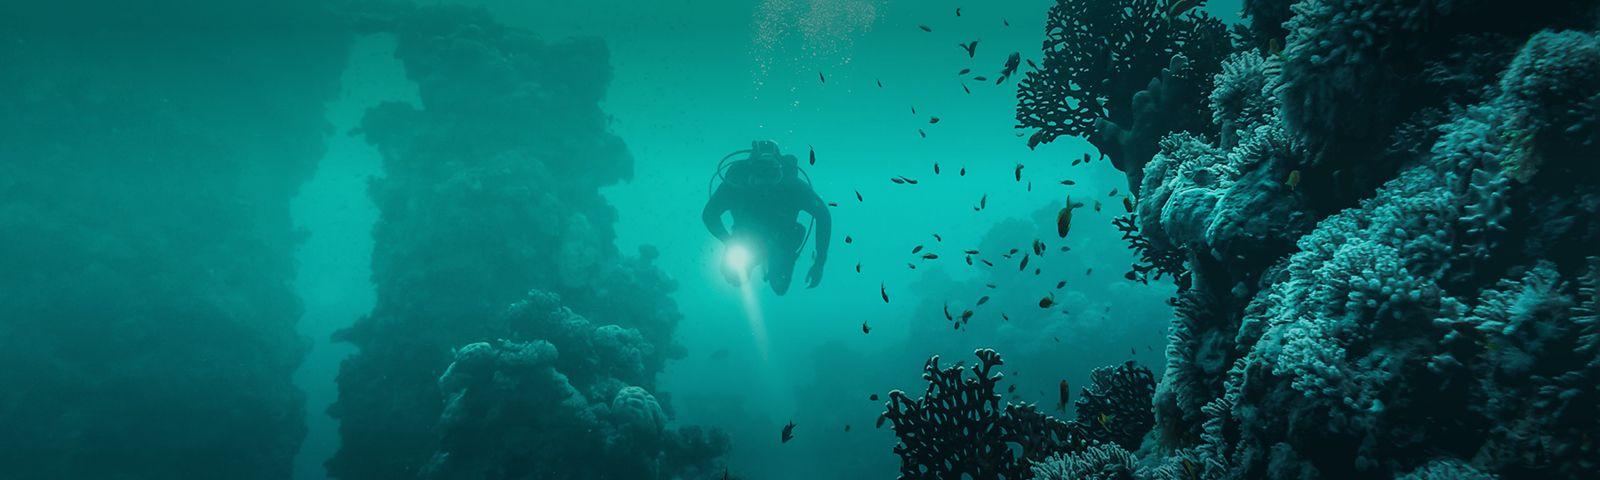 Winners announced for Ocean Changemakers Challenge